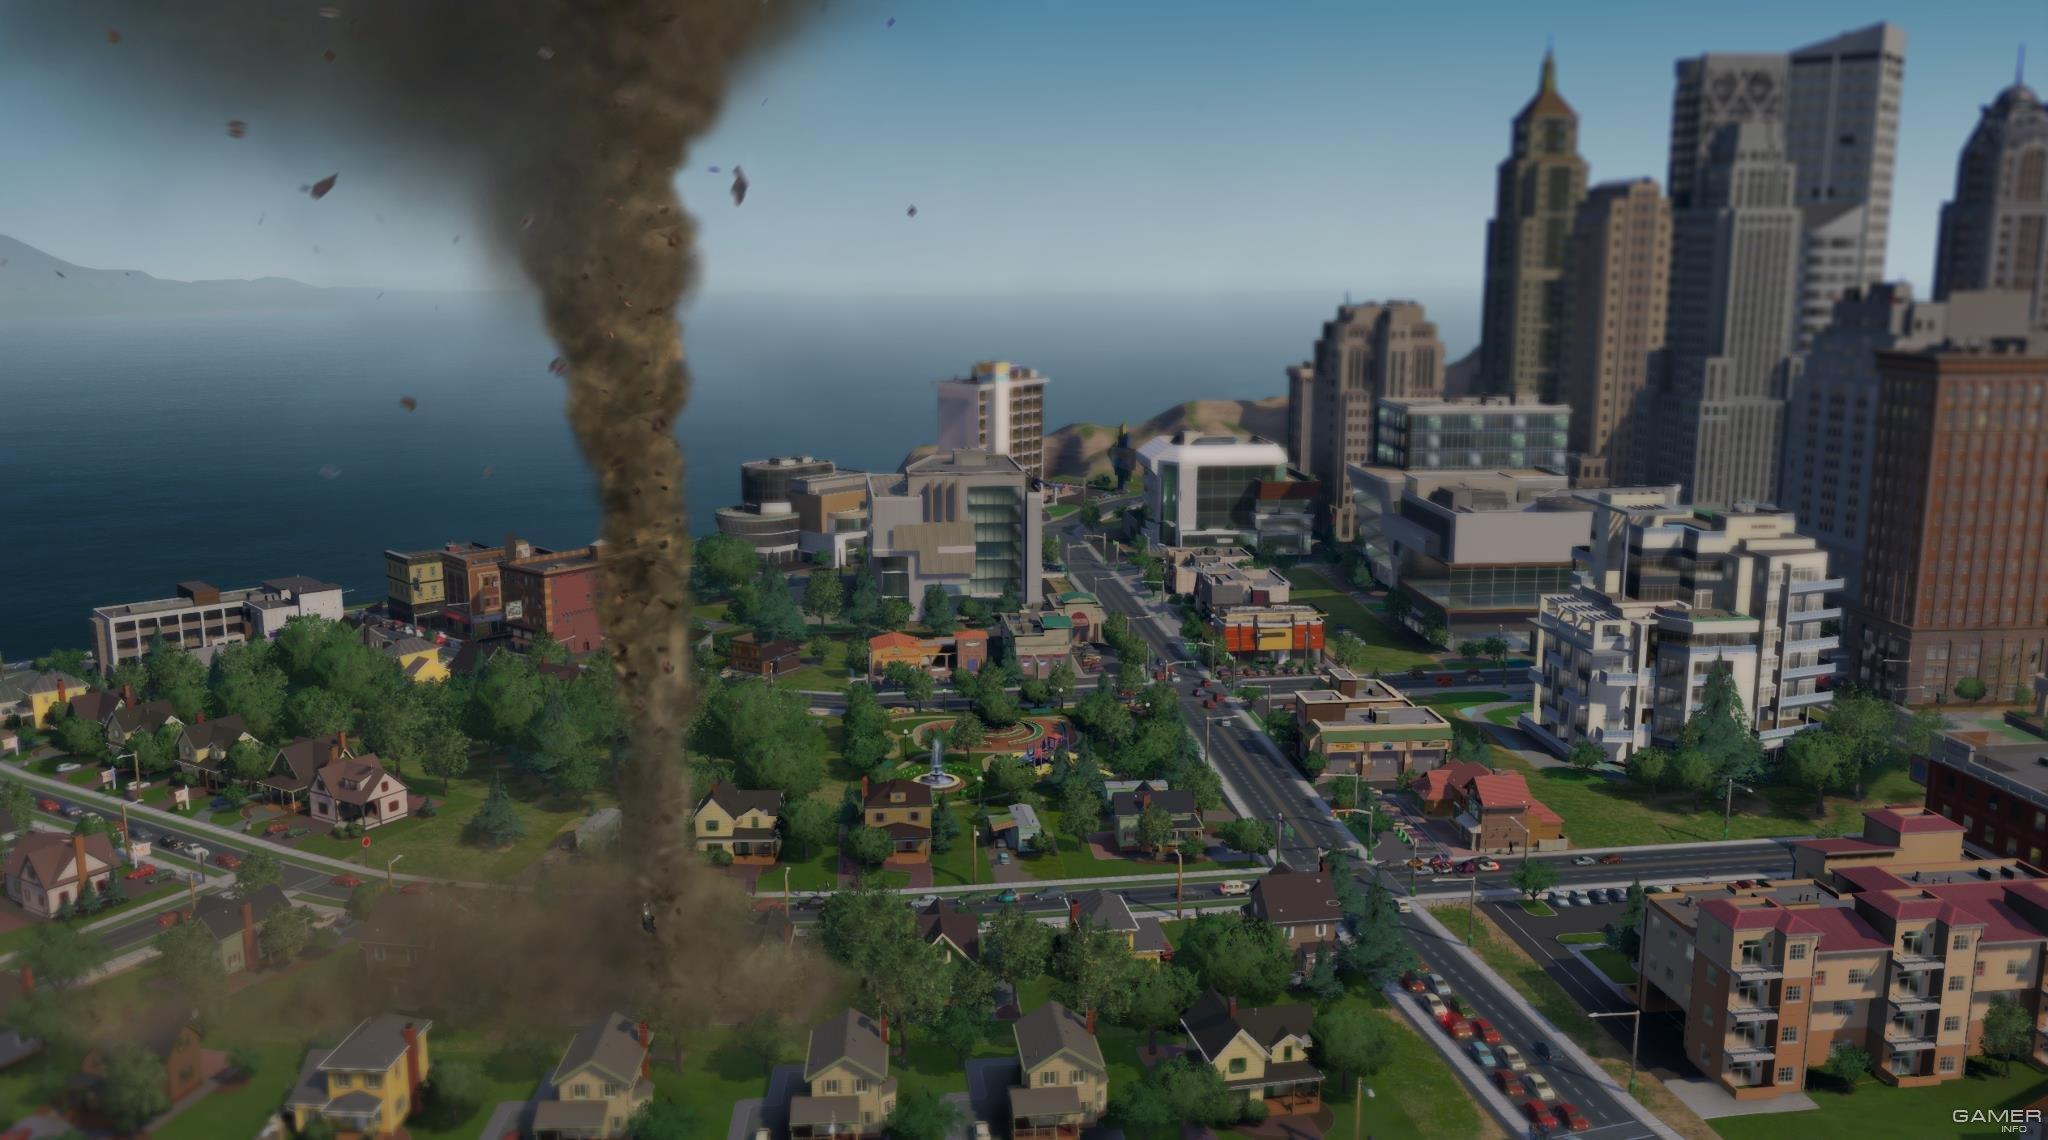 В сети были опубликованы оценки различных зарубежных порталов градостроительному симулятору SimCity. Мнения о возрож .... - Изображение 1